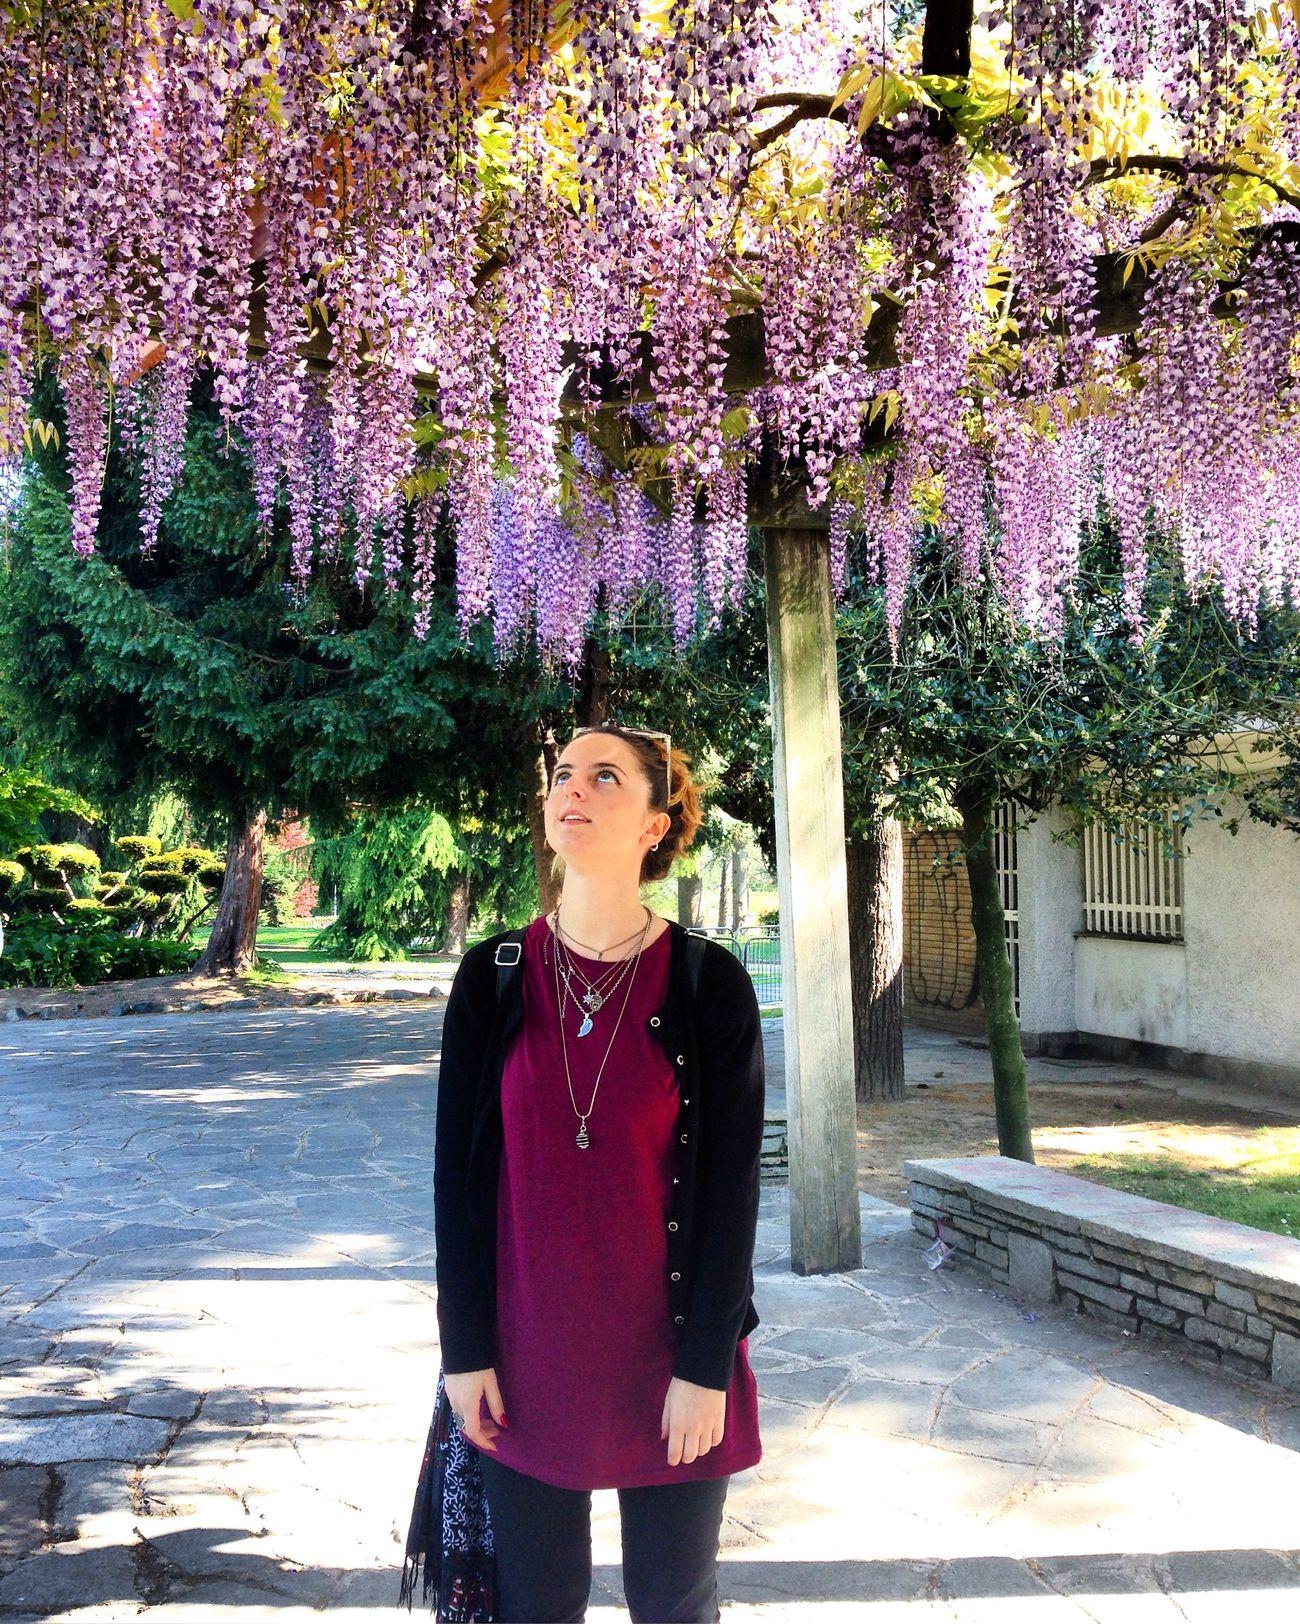 Pioggia color glicine Flower Tree Glicine Wisteria Love Landscape Nature Torino Italy Beautiful Beauty In Nature Colors Sweet Landscape_Collection Happy Good Times Friends Girl Italian Purple